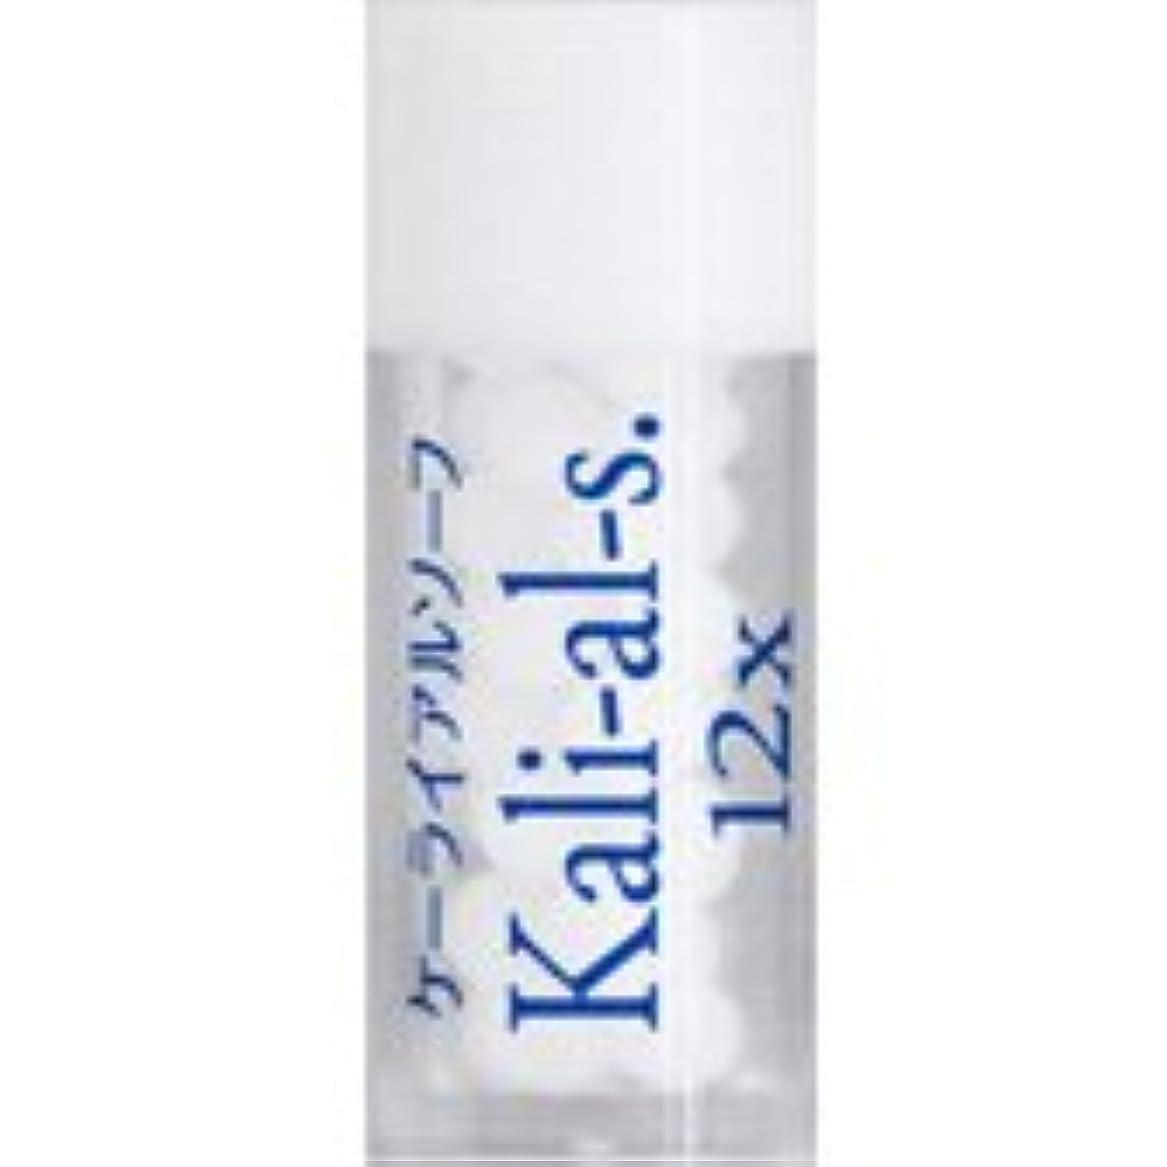 唇憂慮すべき科学的36バイタルエレメントキット 対応 各種 (17)Kali-al-s.12X ケーライアルソーフ)